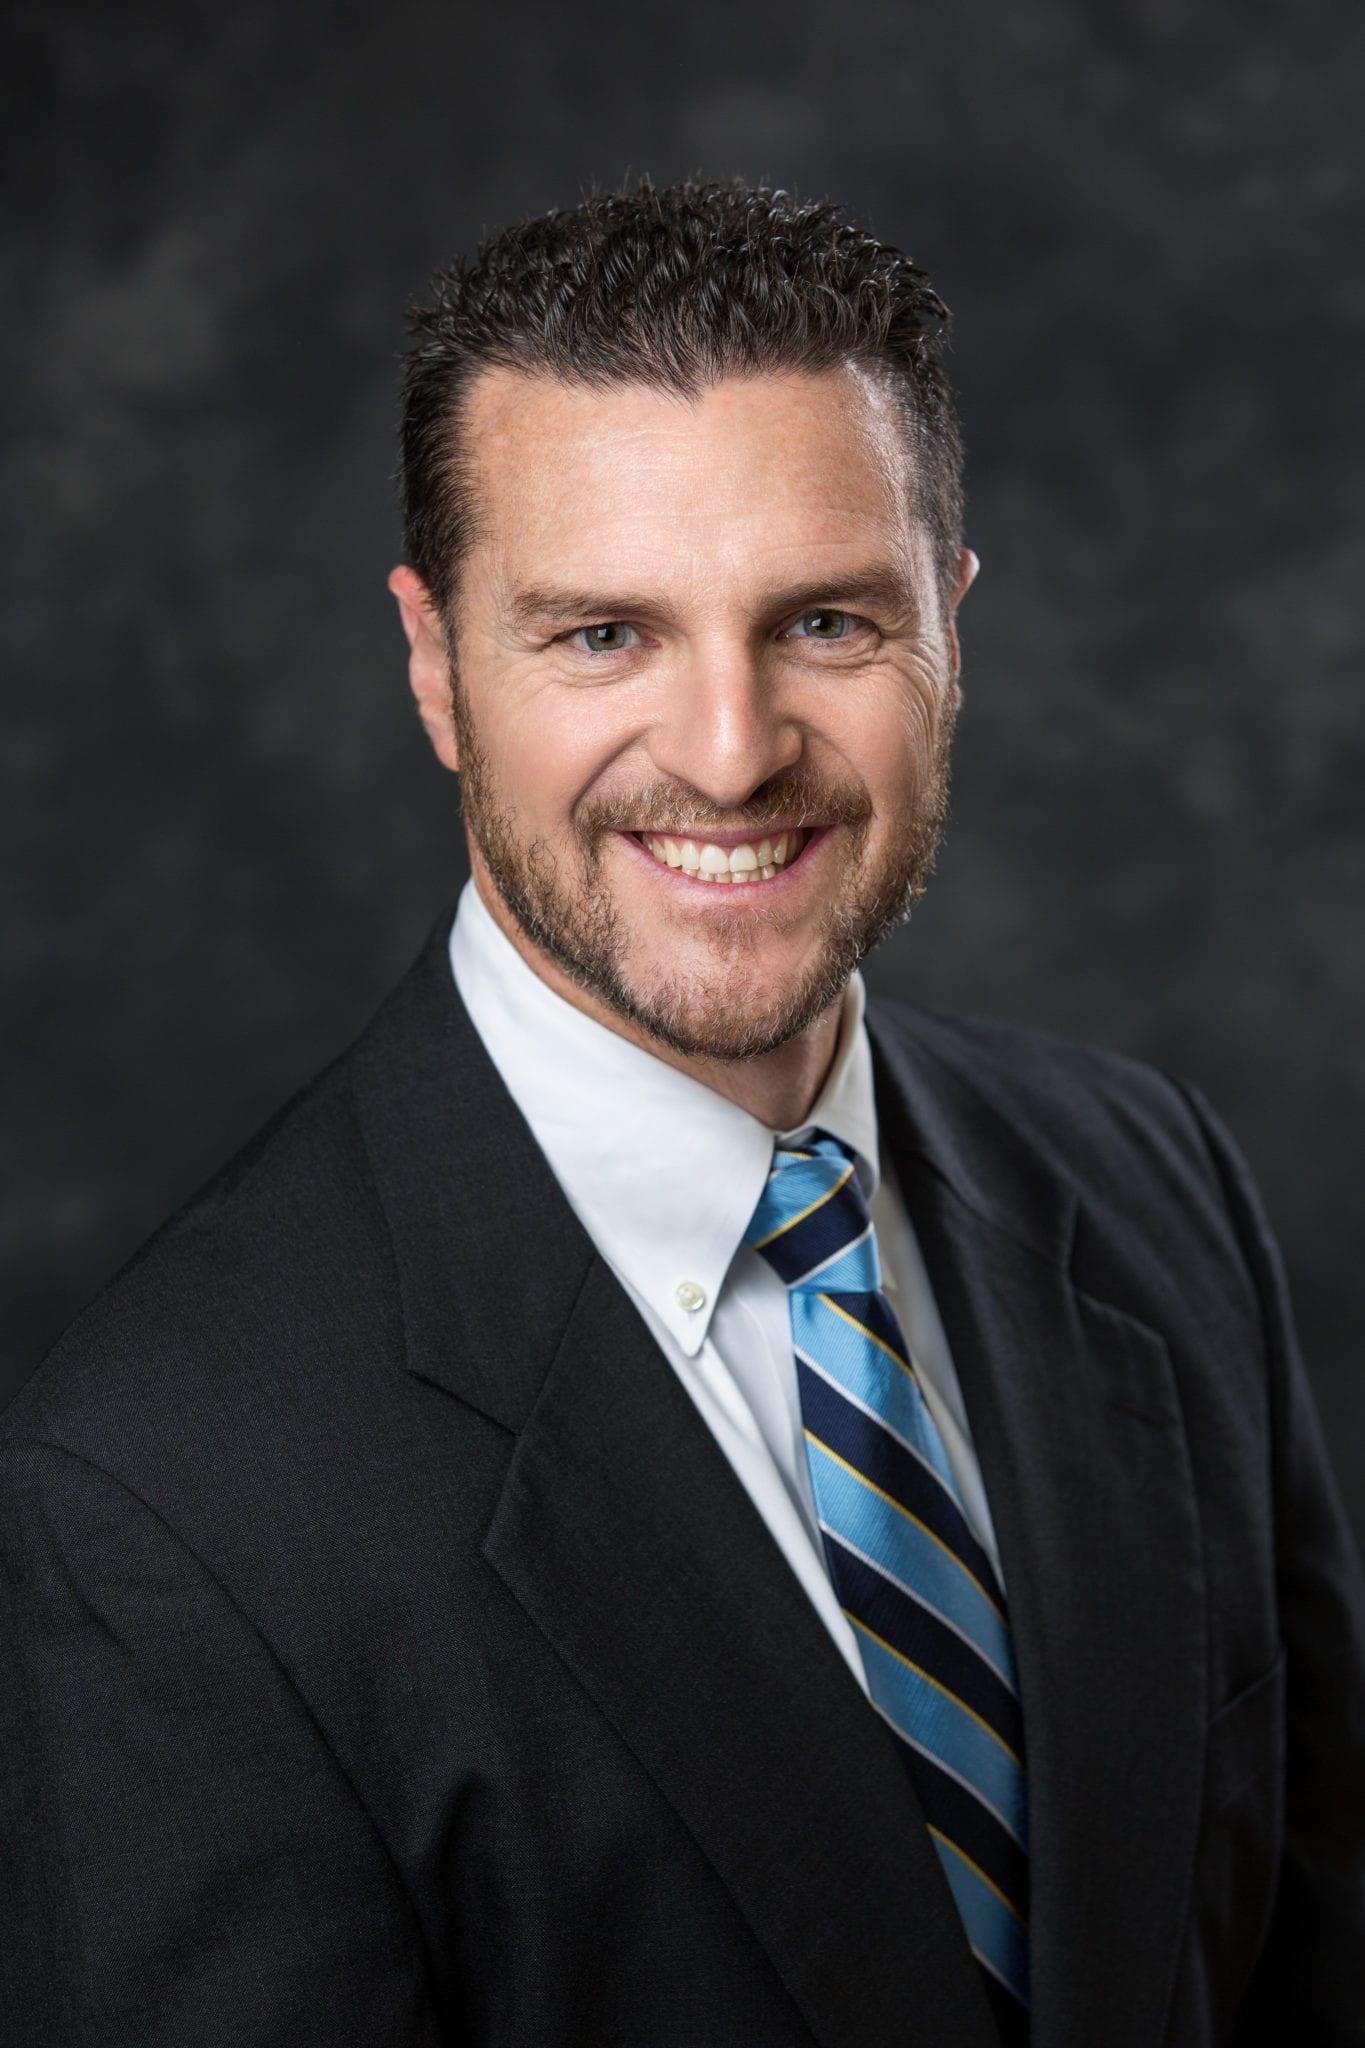 Jeffrey A. Schwartz